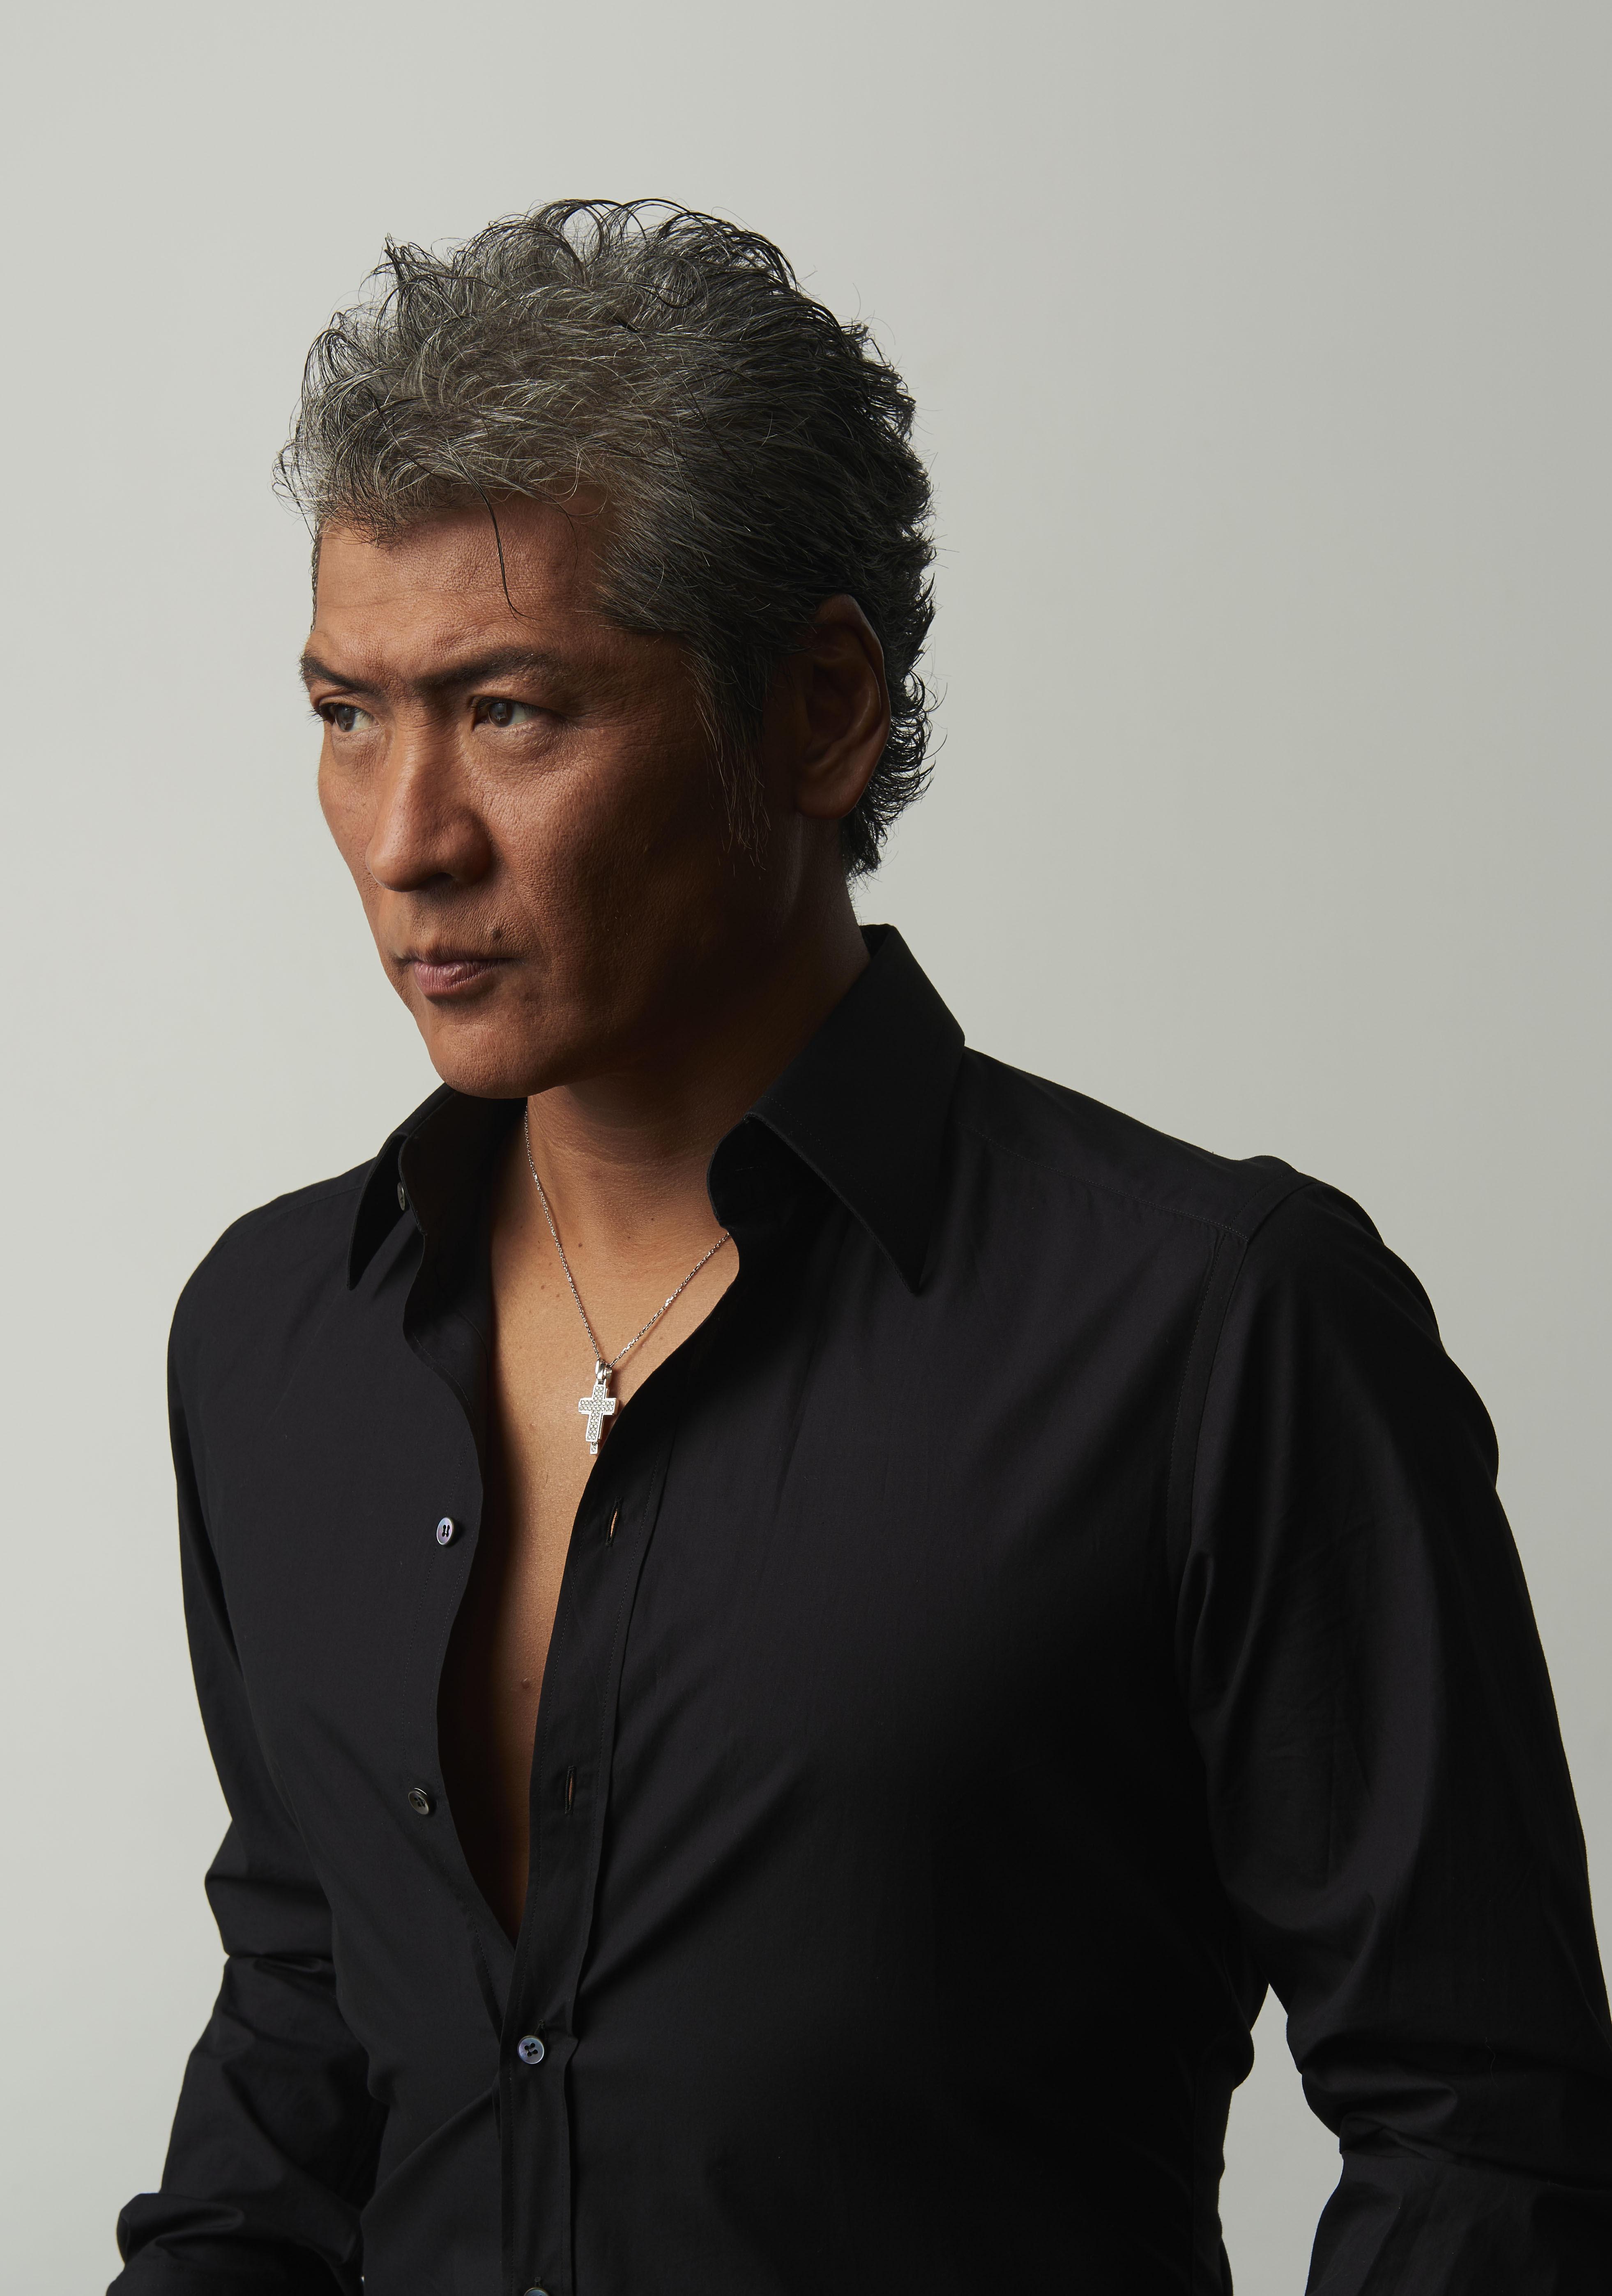 吉川晃司デビュー35周年を記念したWOWOWスペシャルを数カ月間 ...